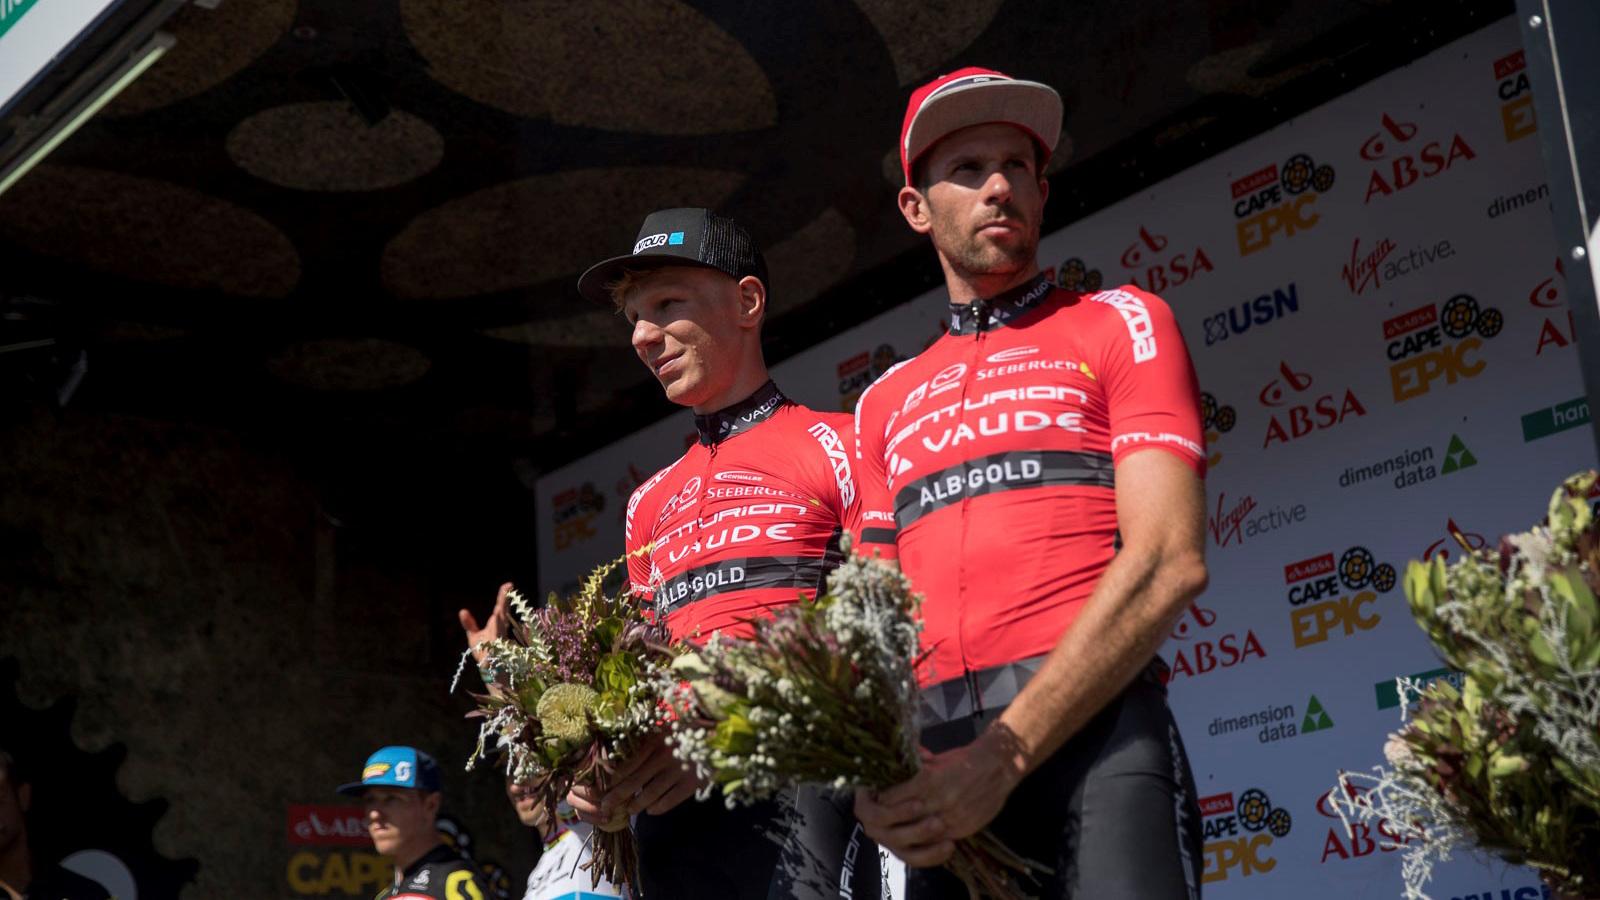 Cape Epic 2017 Stage 3: TEAM CENTURION VAUDE on the podium again